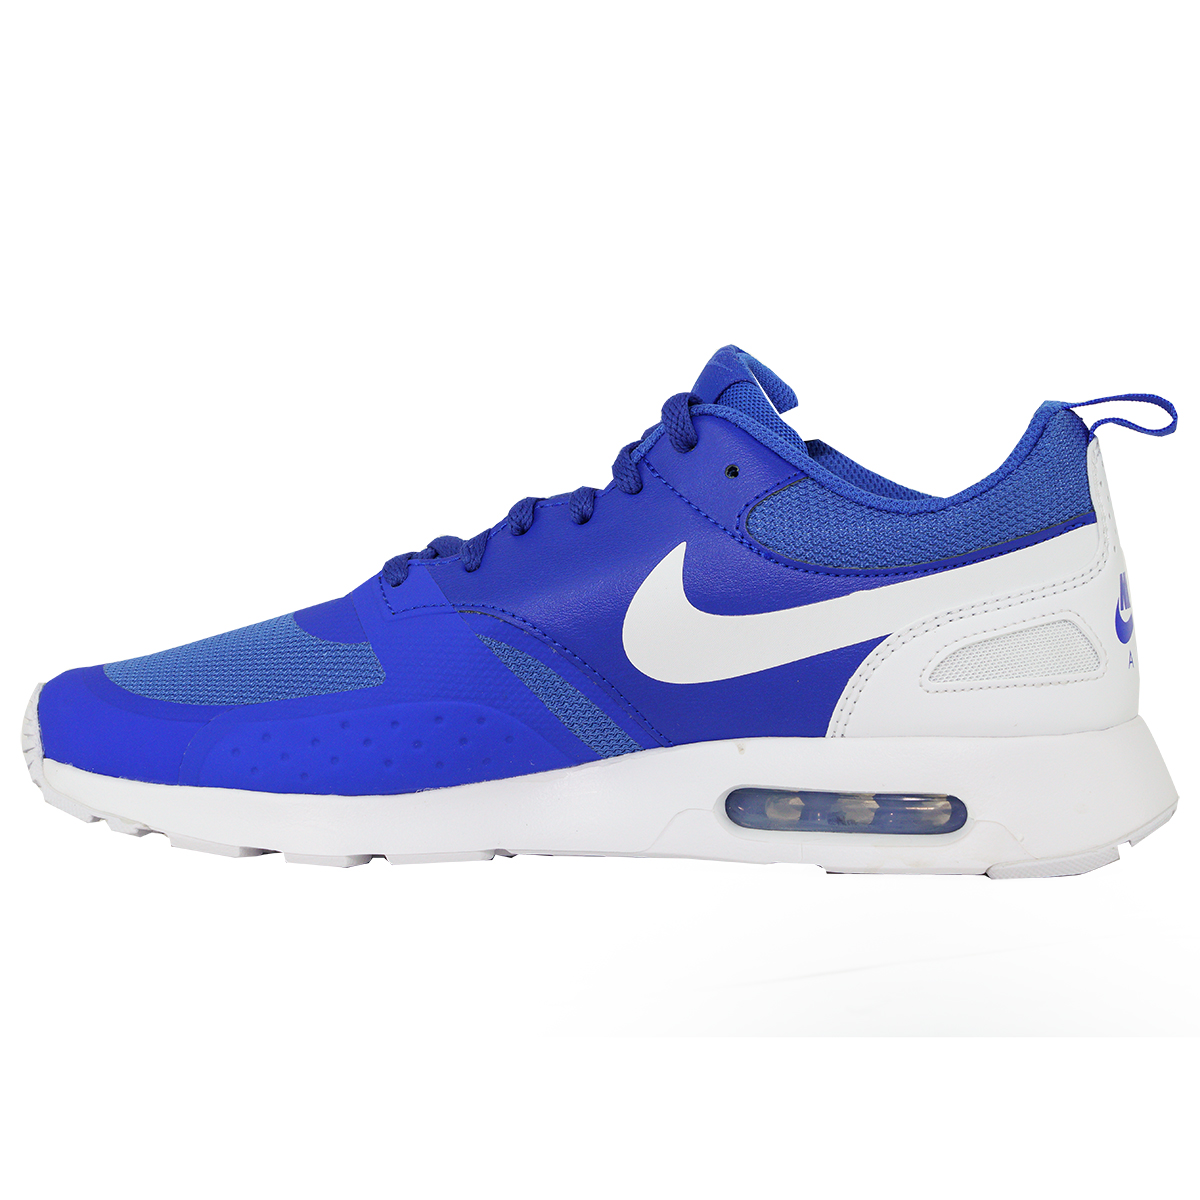 Nike-Men-039-s-Air-Max-Vision-Shoes thumbnail 3